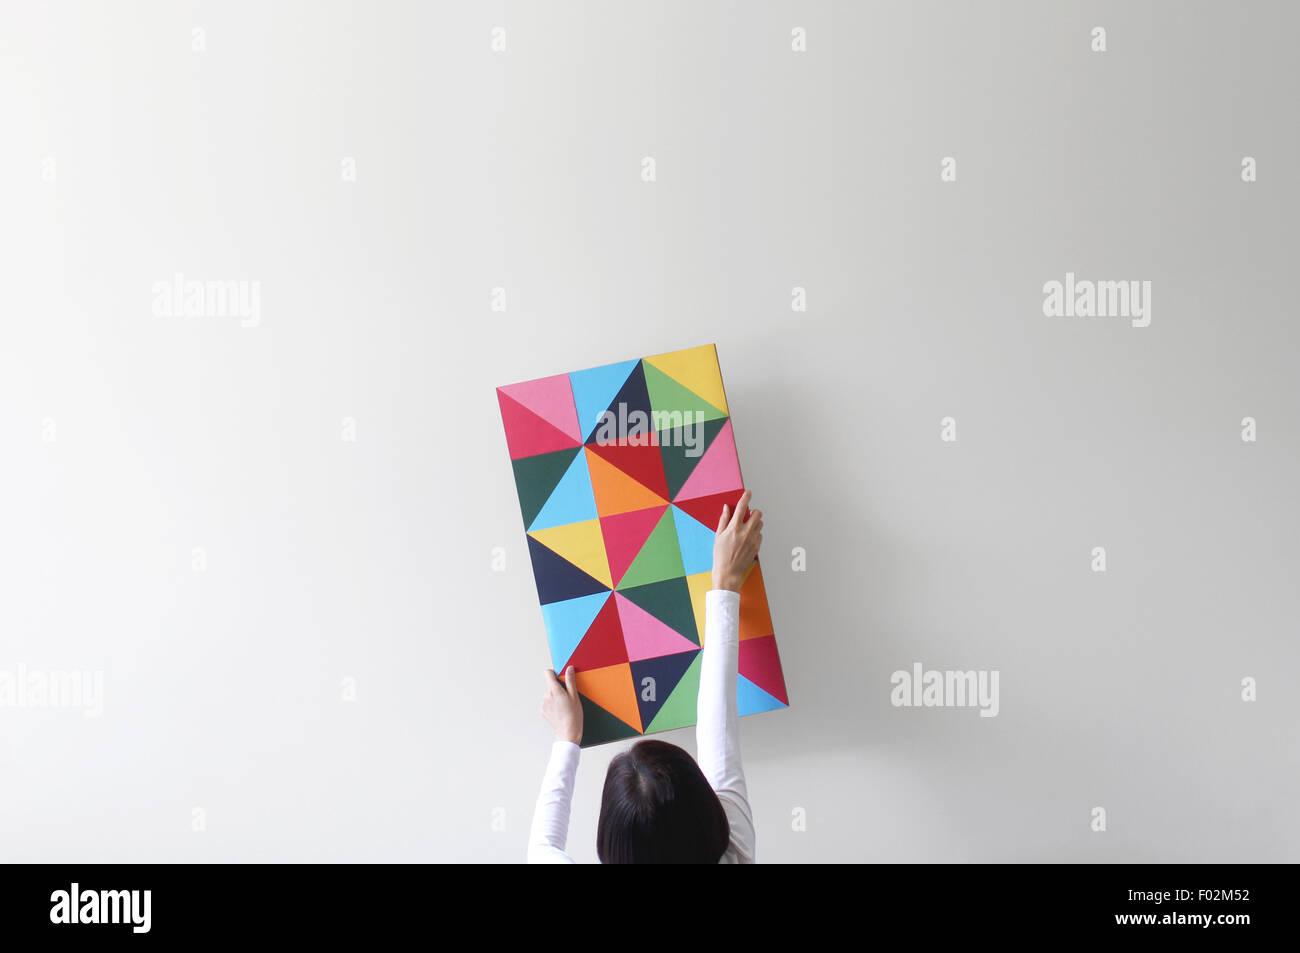 Frau eine leere weiße Wand mit farbenfrohen Kunstwerken dekorieren Stockbild